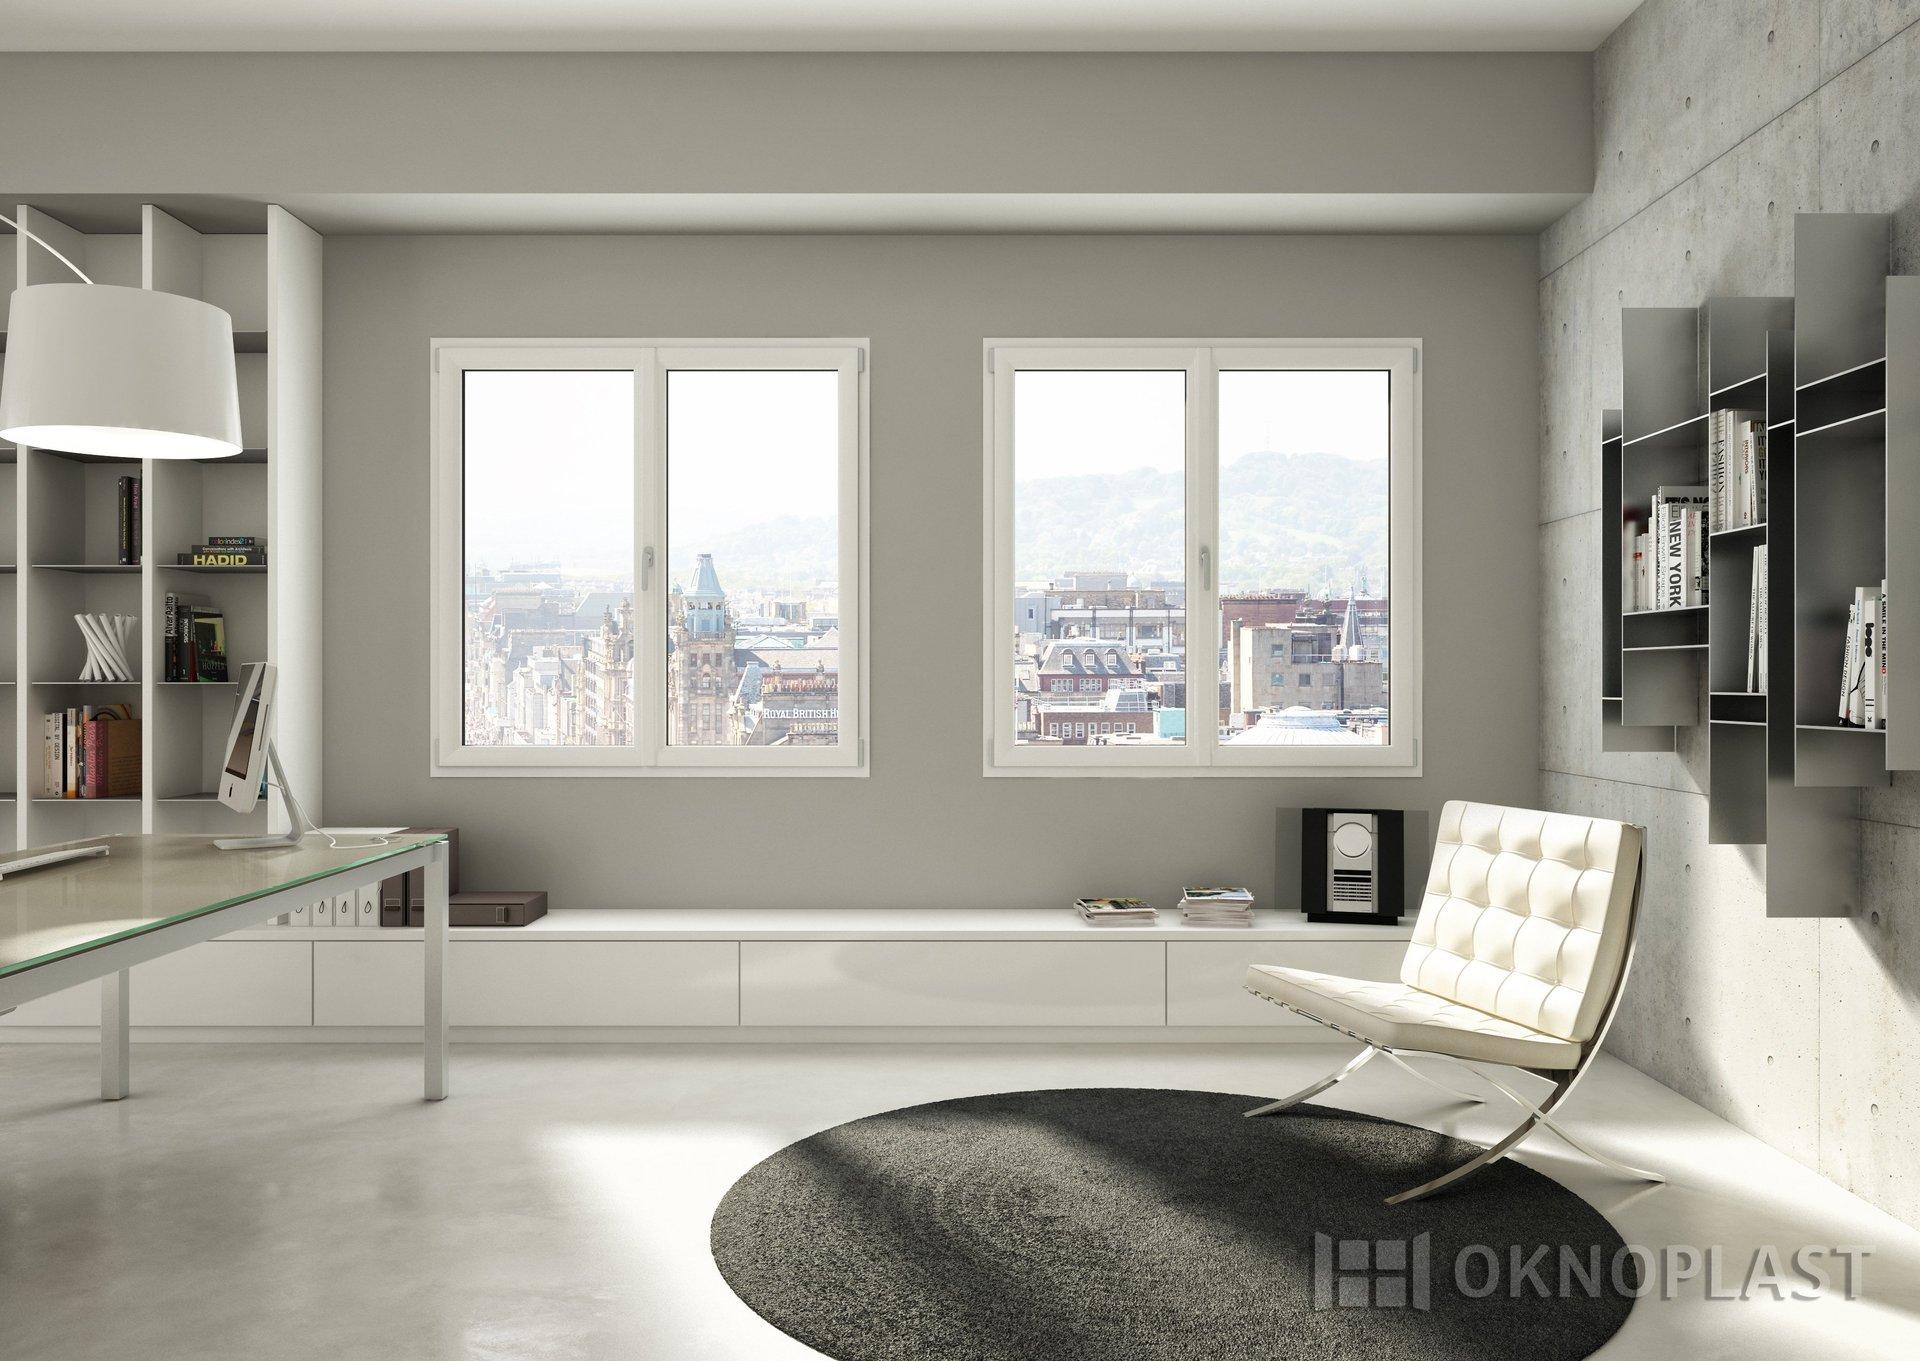 vista interna di una stanza con finestre Oknoplast